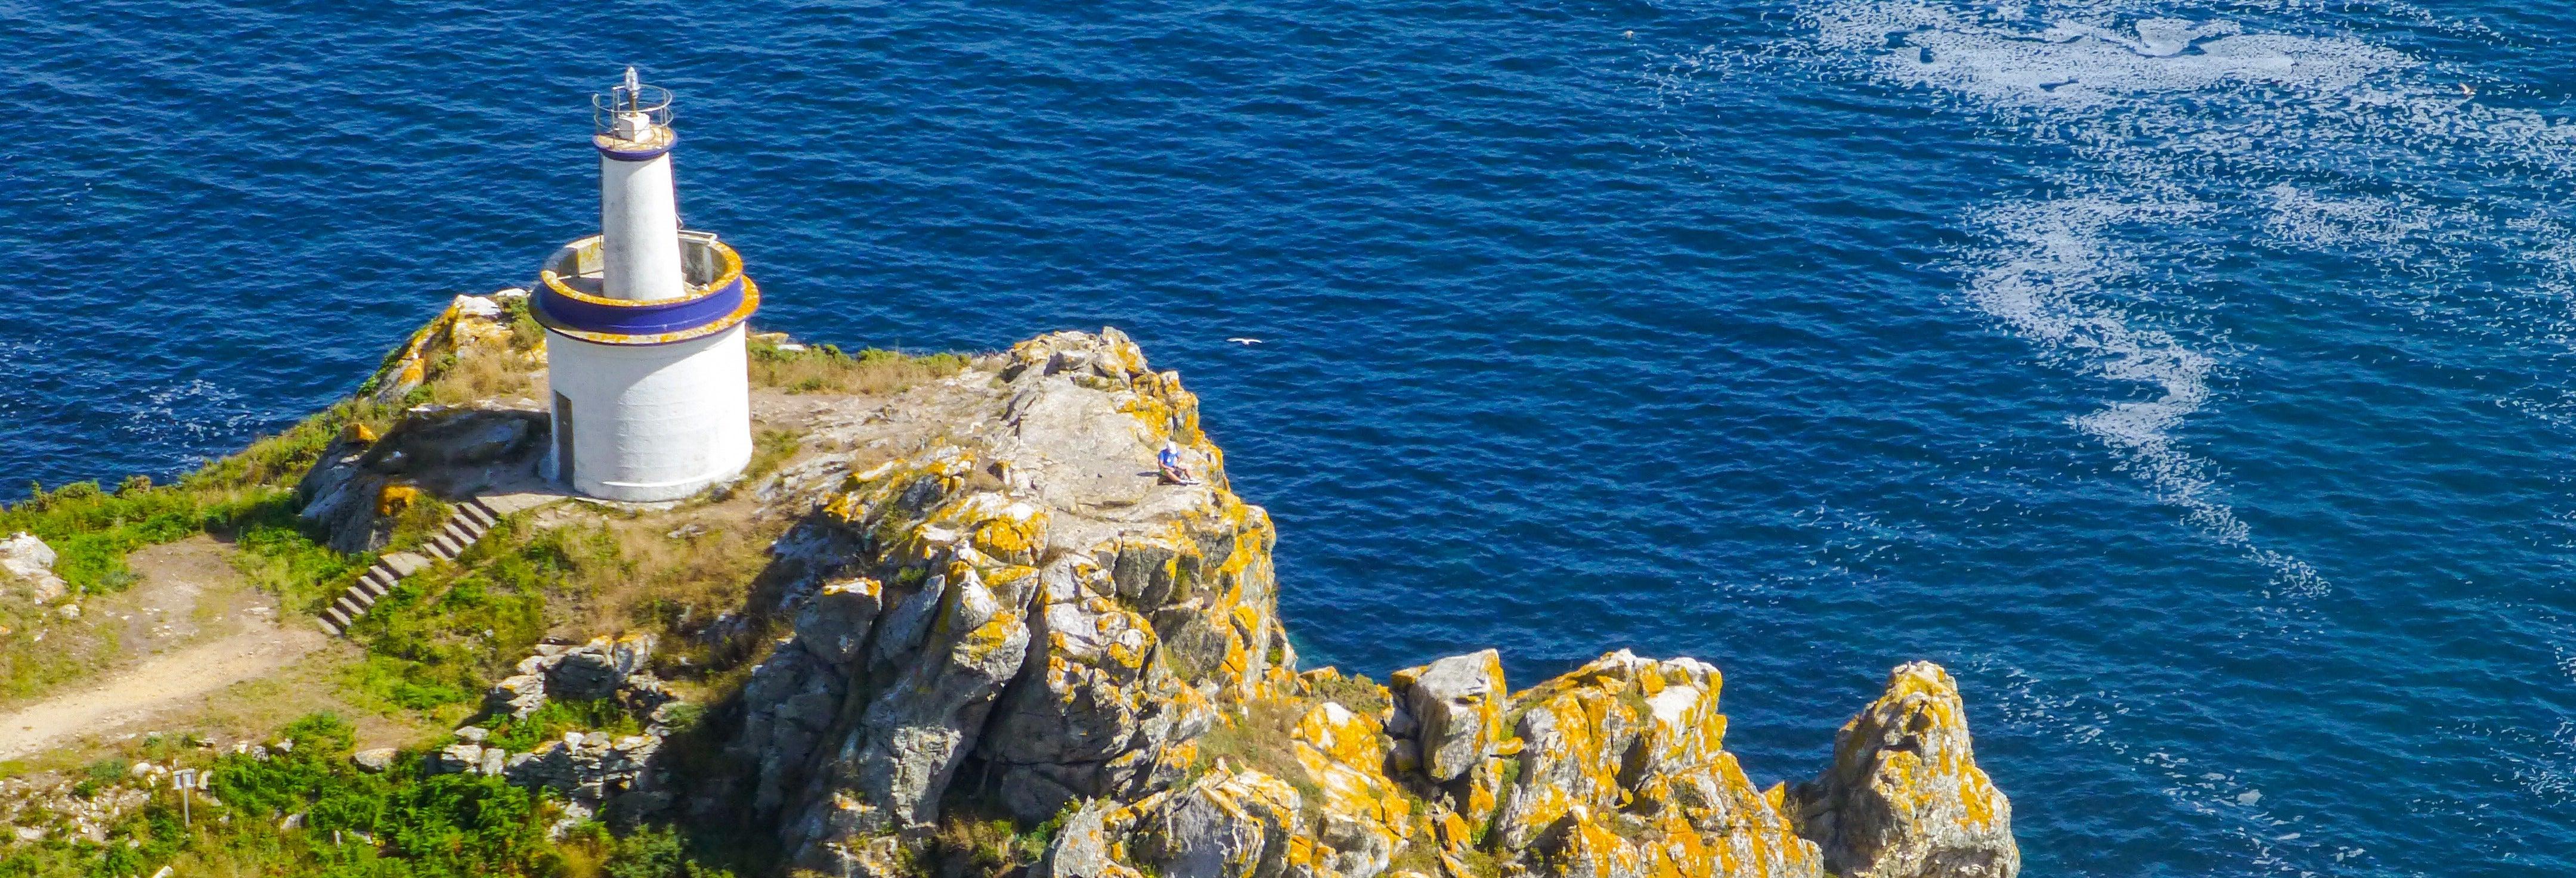 Excursión a las Islas Cíes